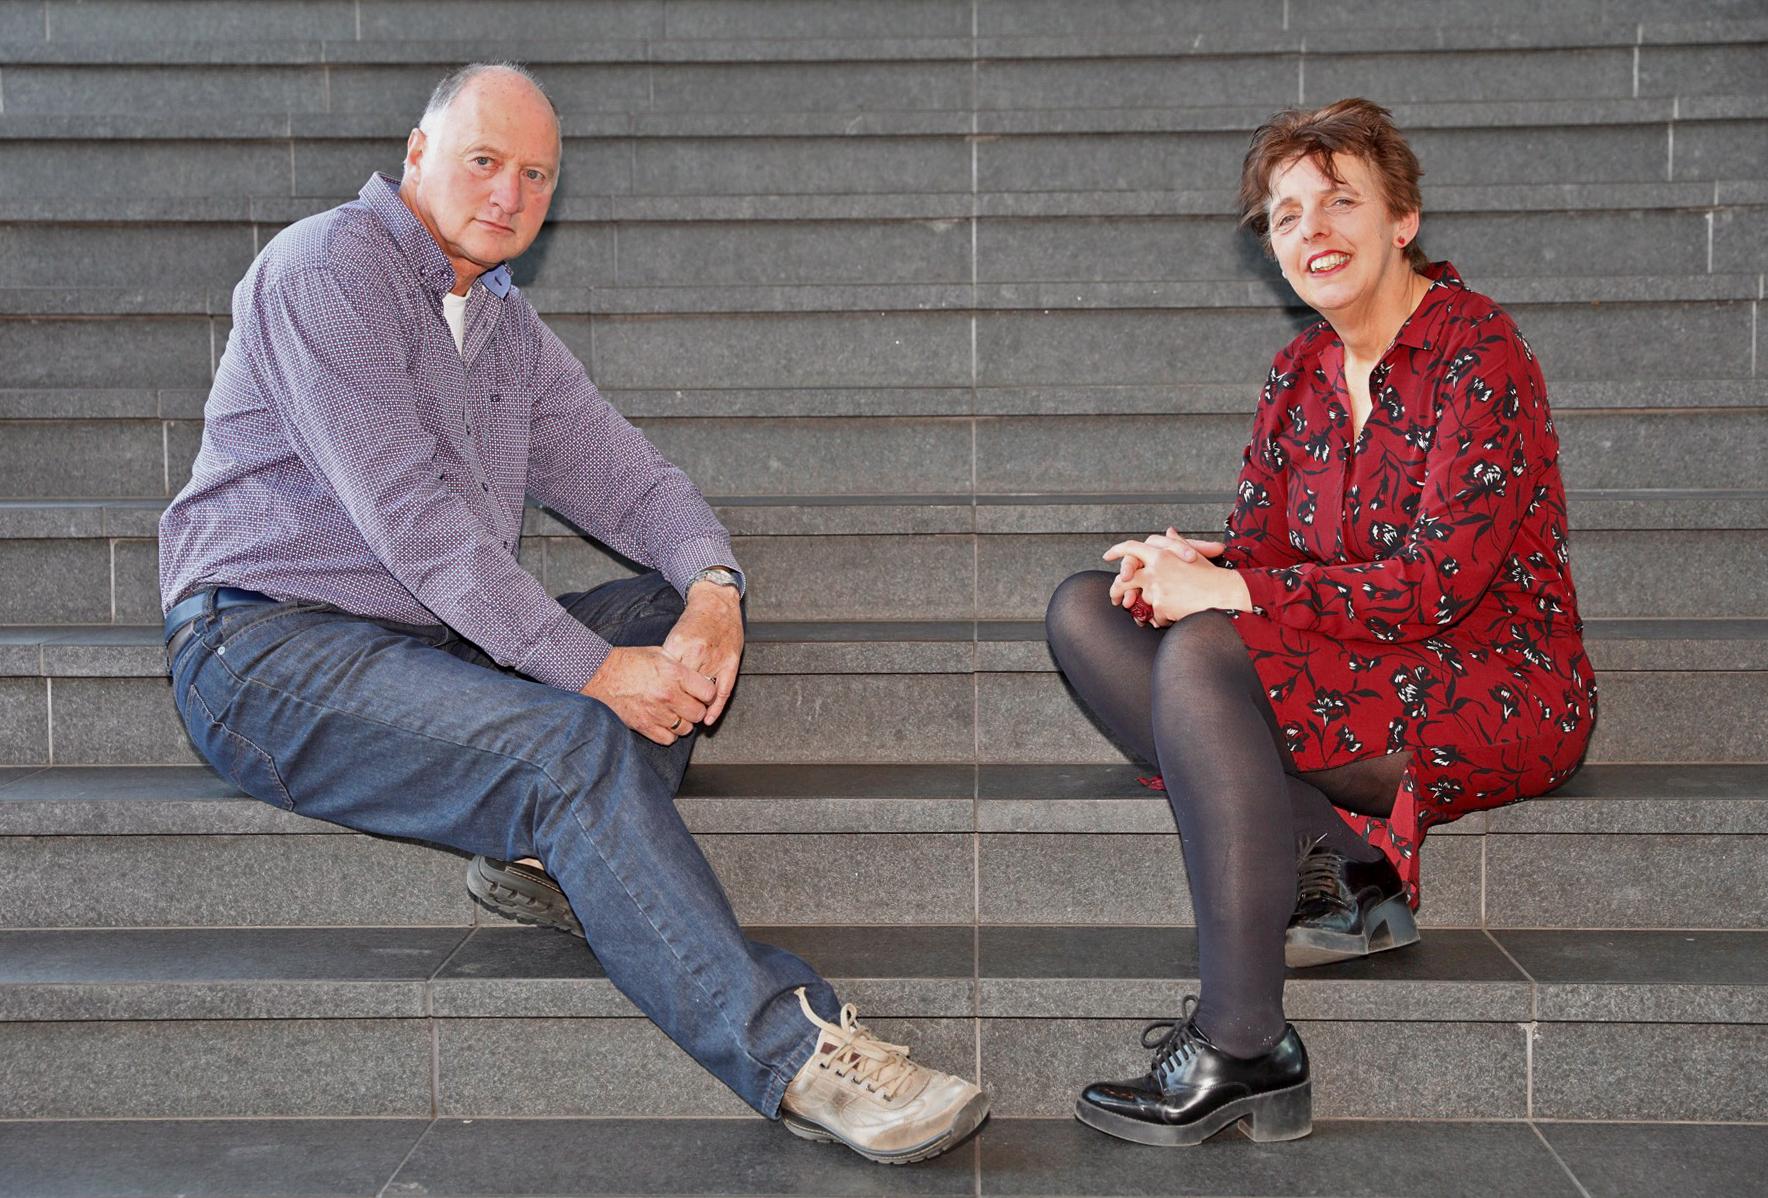 Jack Keijzer en Astrid van Vugt hopen dat lotgenoten steun bij elkaar kunnen vinden. (foto Vincent de Vries/ Rodi Media)